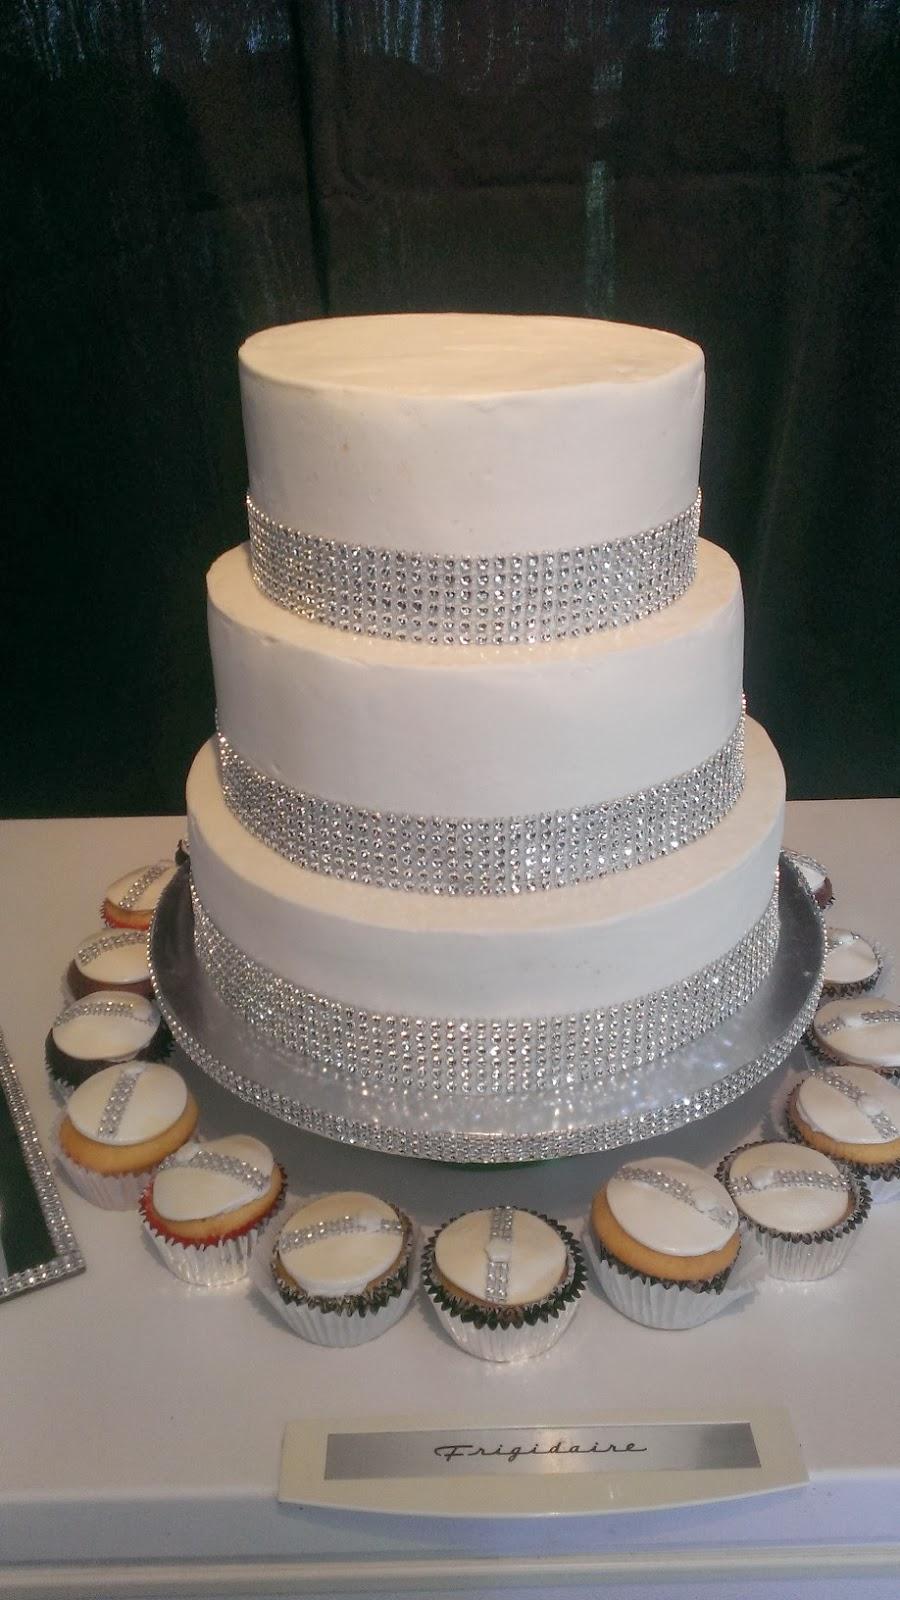 HAPPY CAKES Bling Wedding Cake